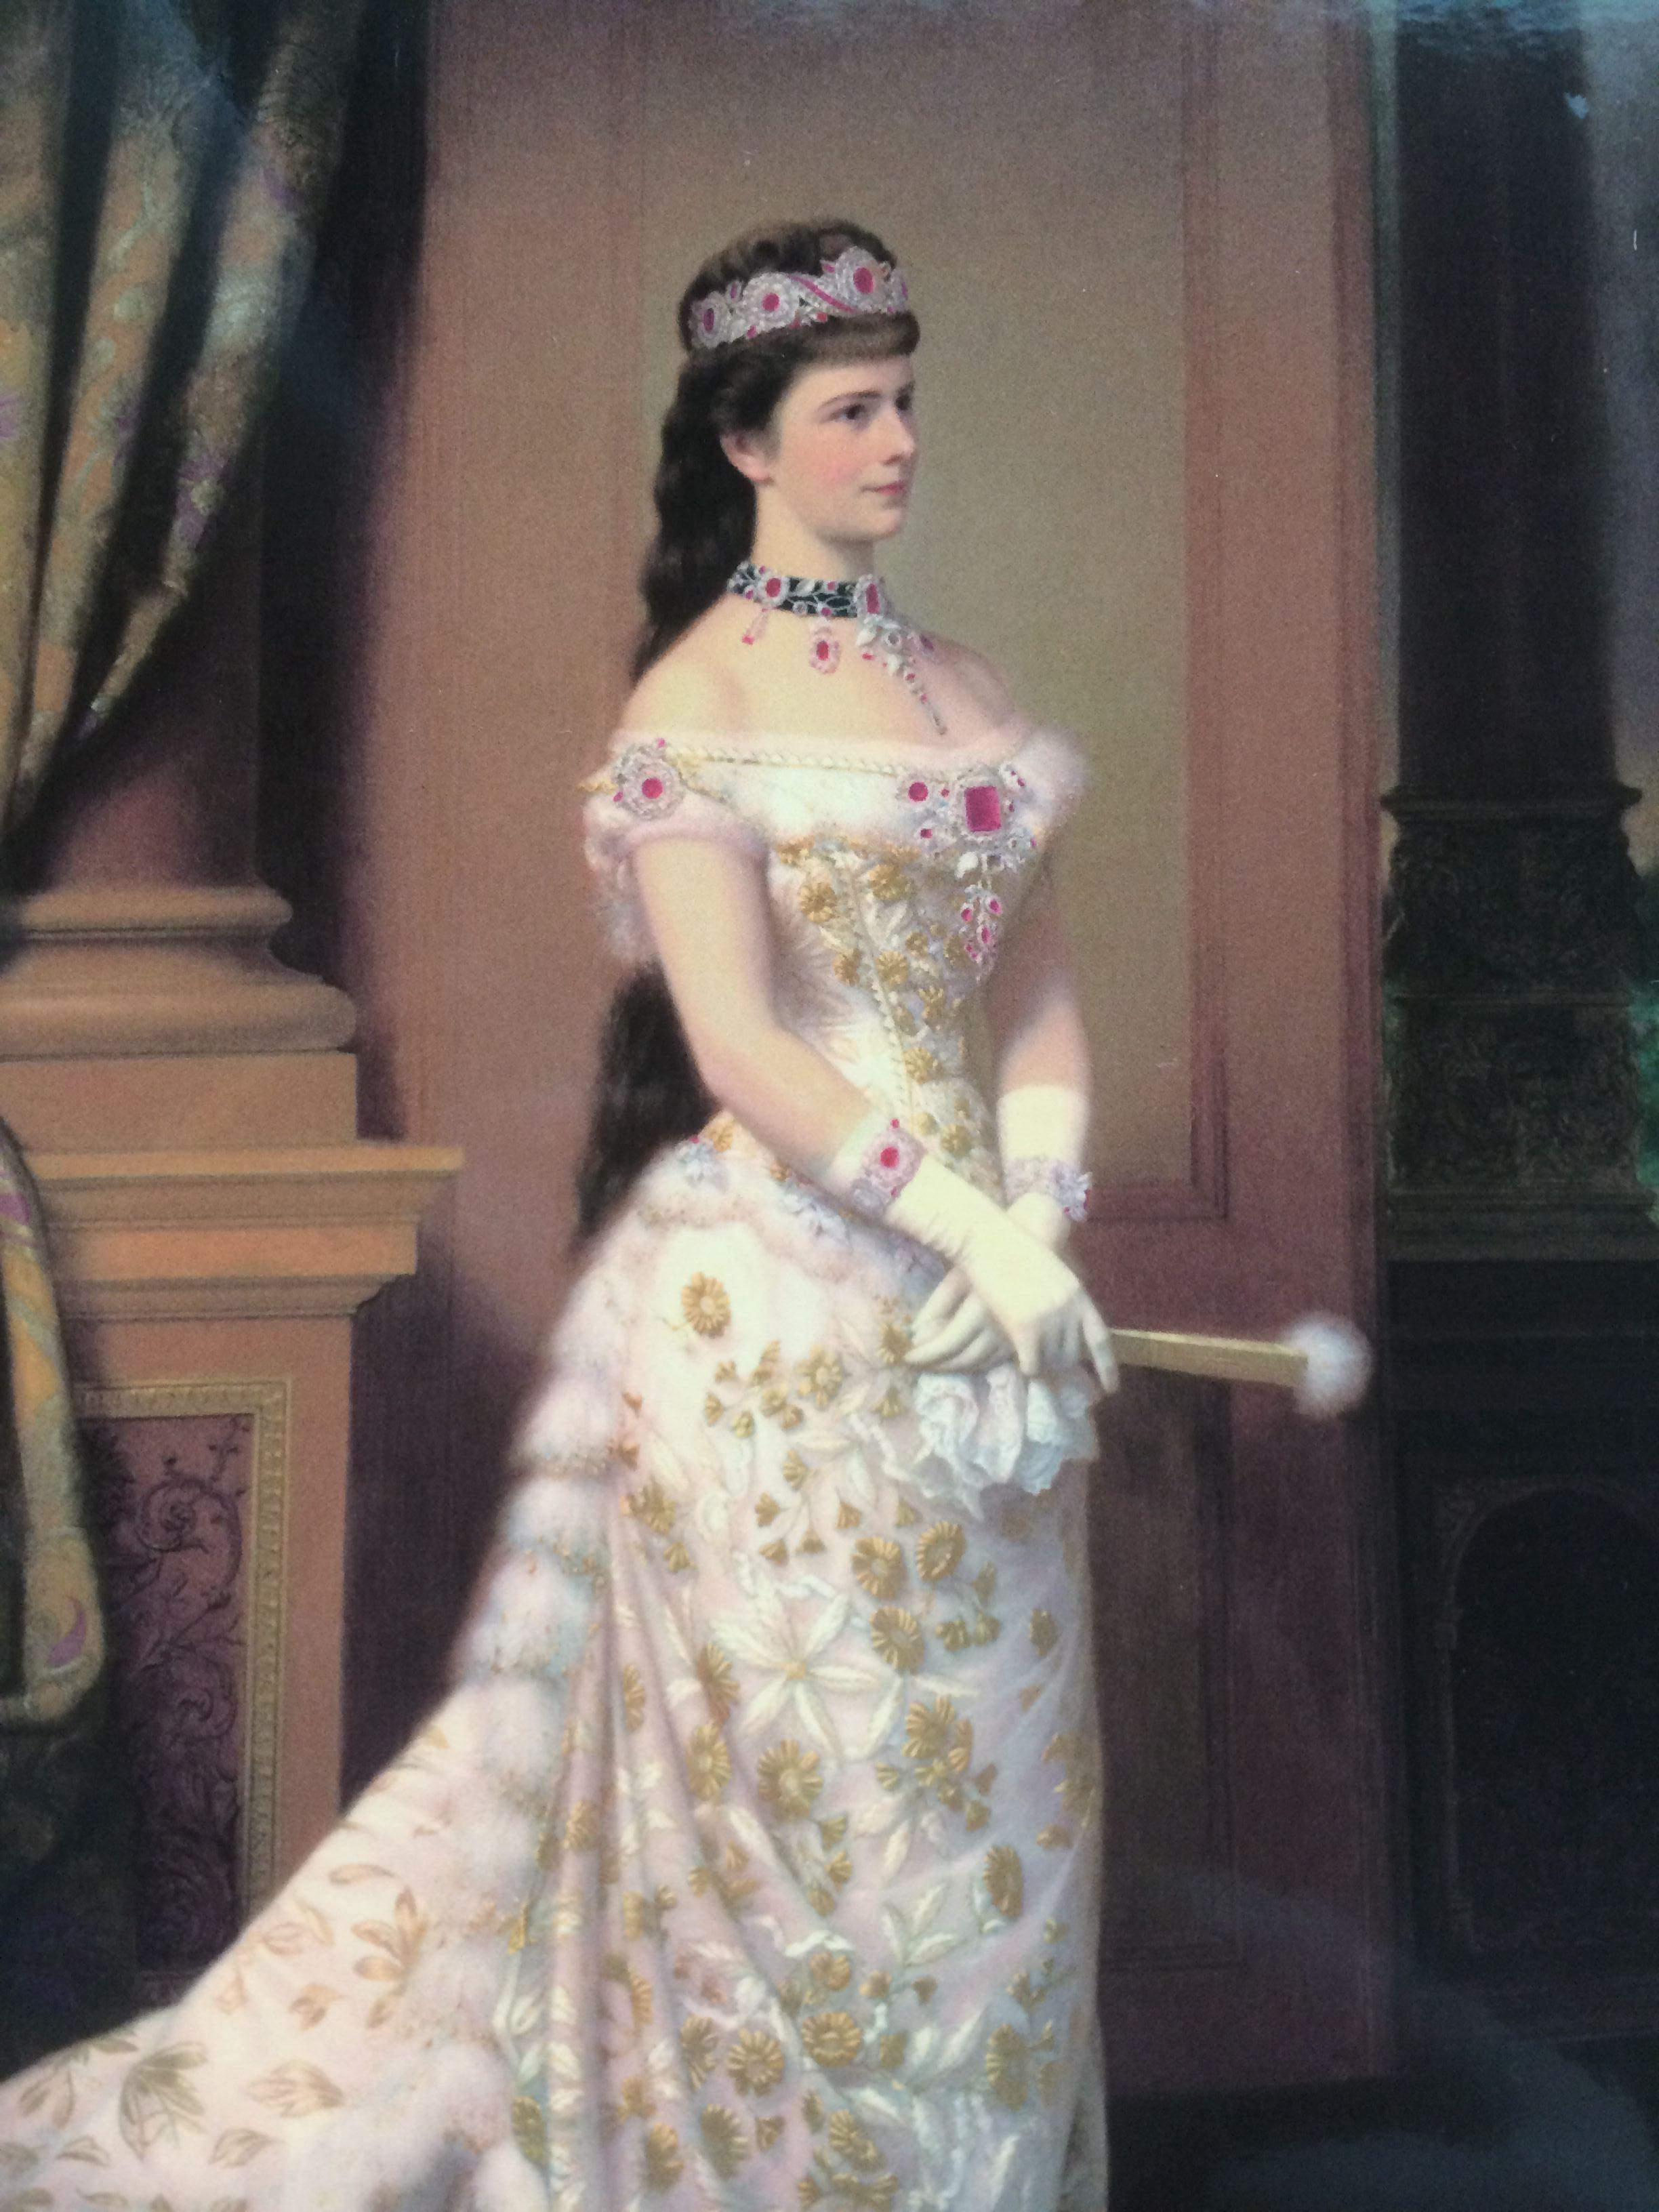 茜茜公主的发型是什么?图片